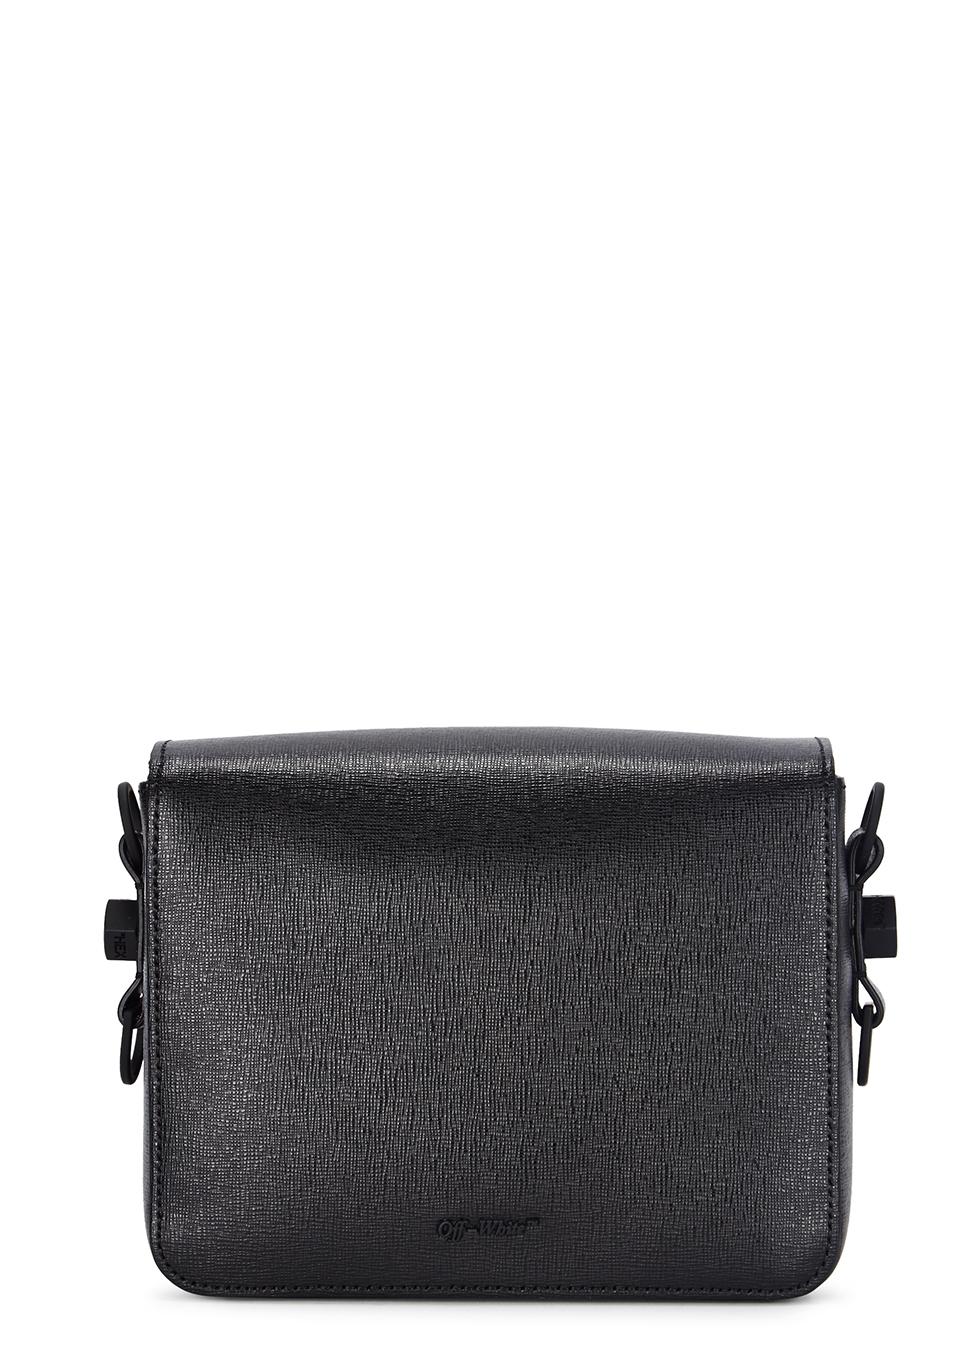 Diag black leather shoulder bag - Off-White